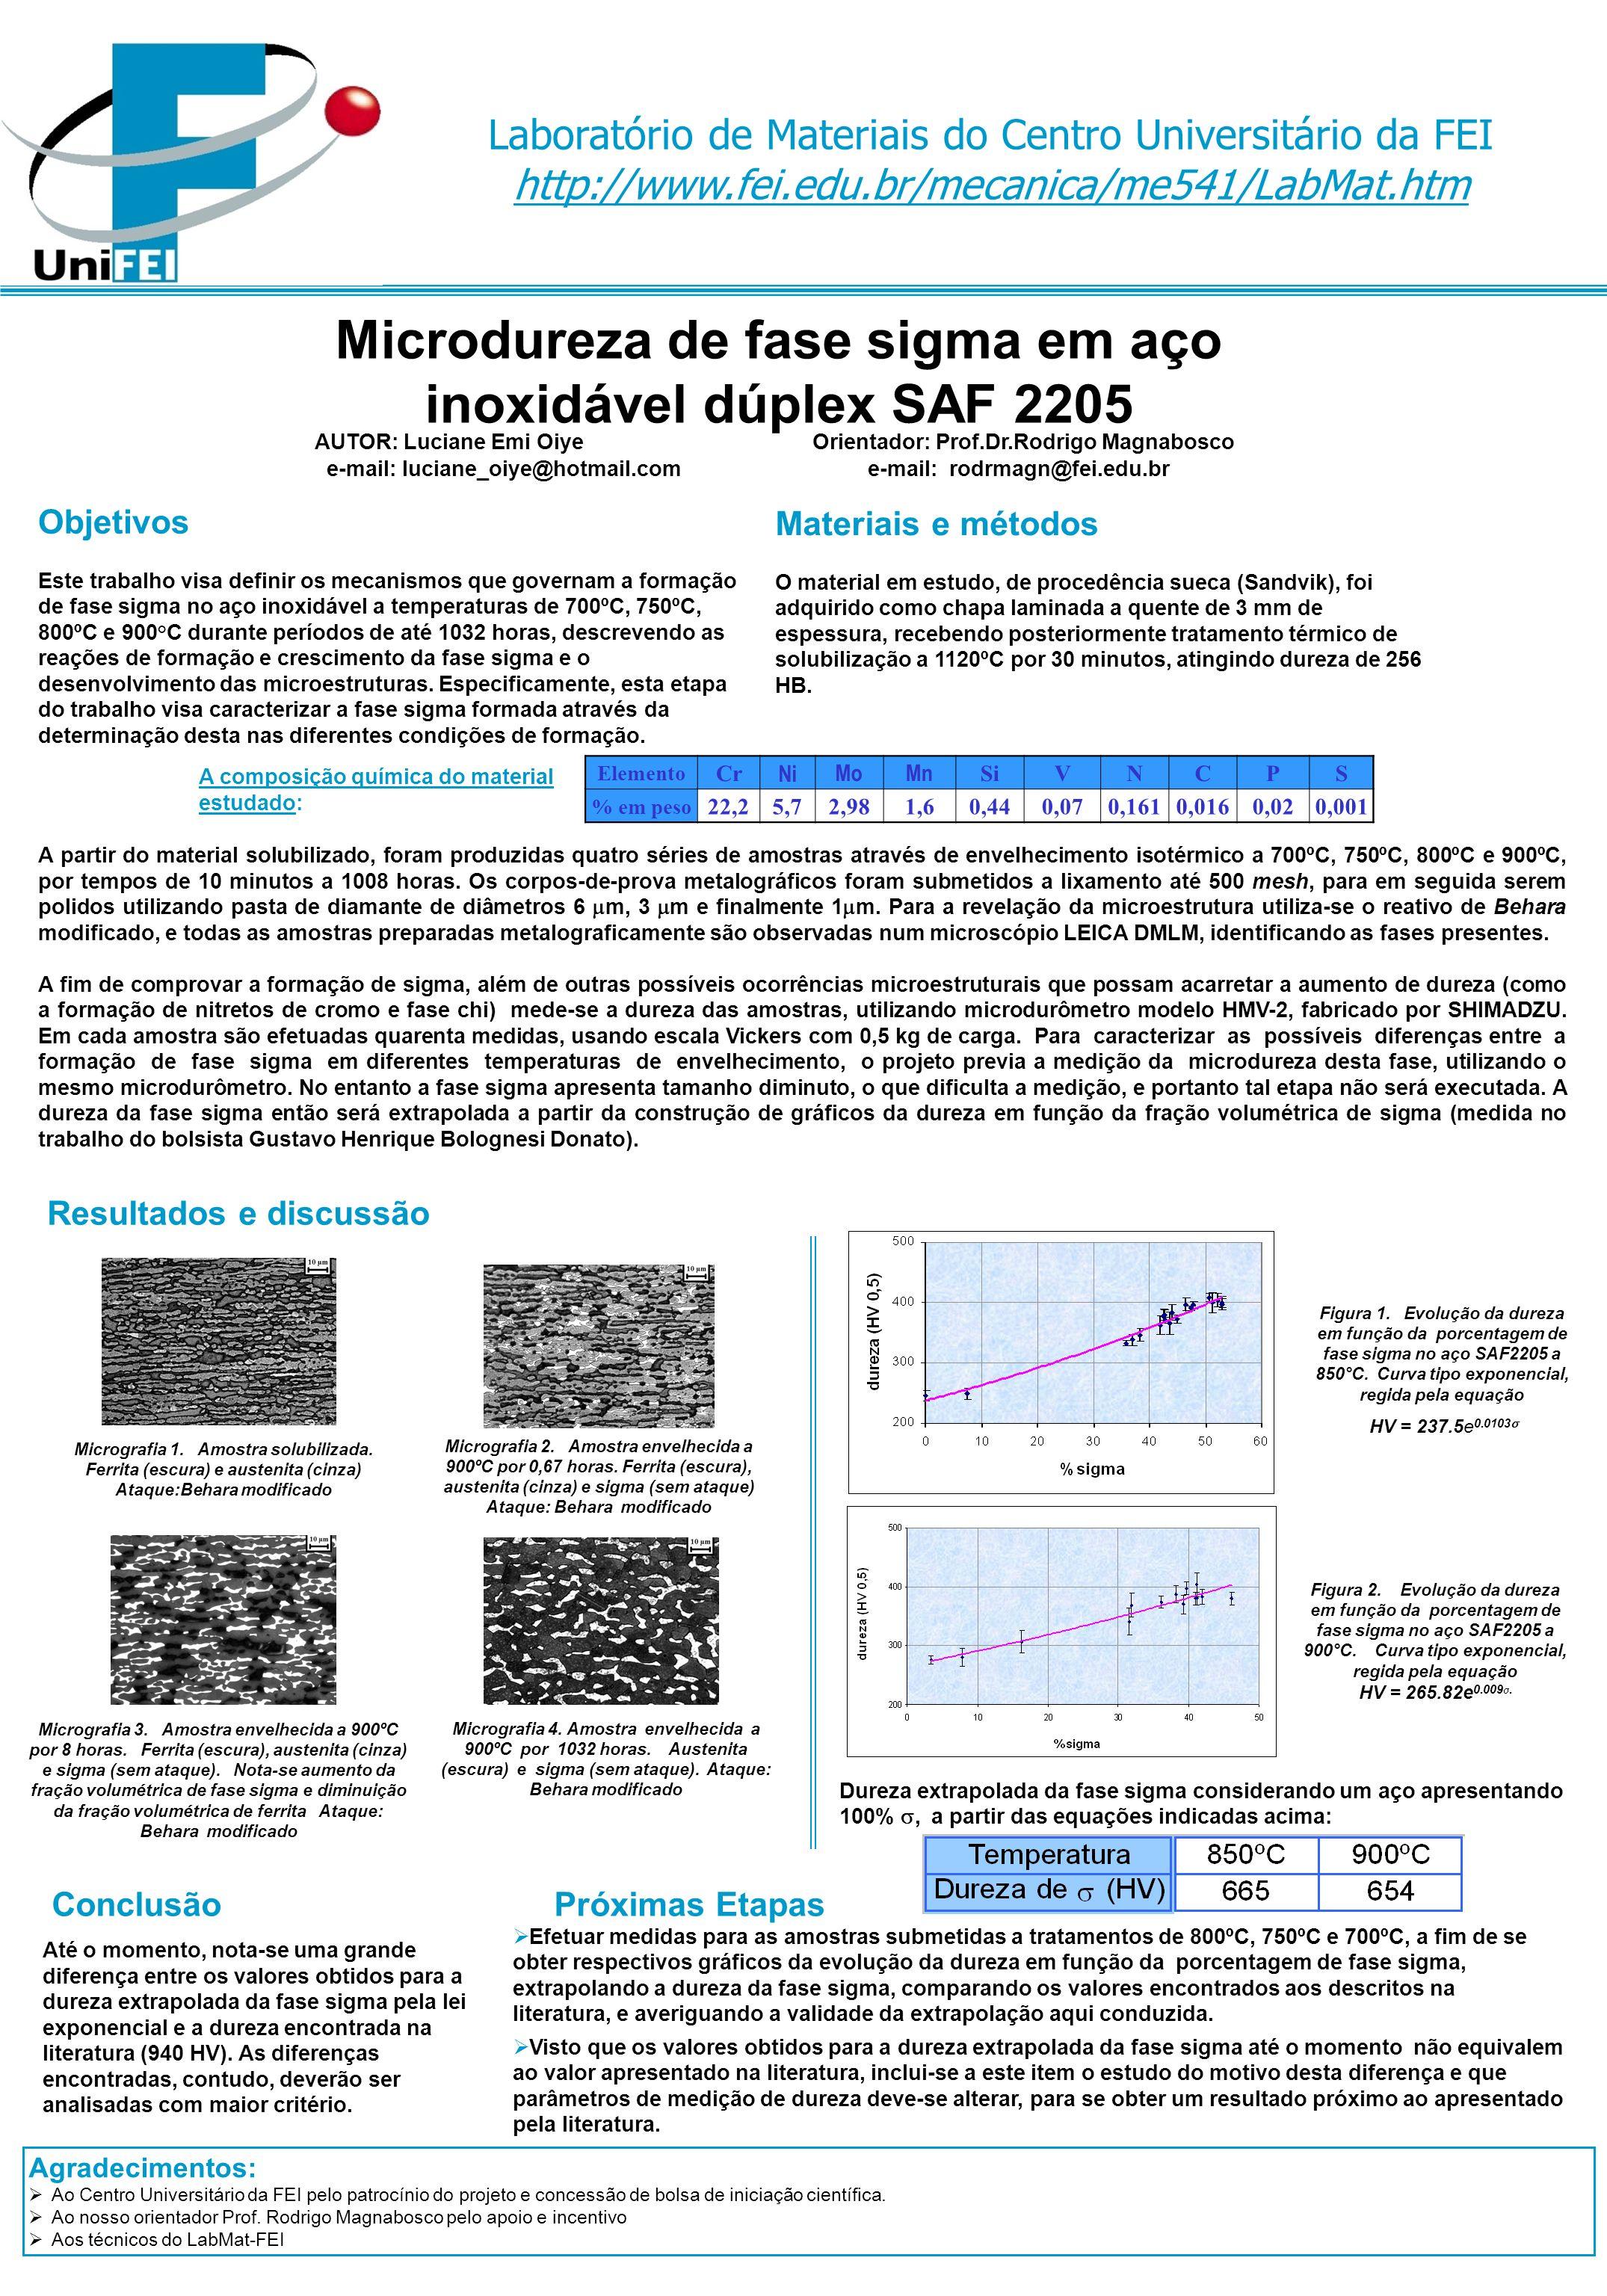 Microdureza de fase sigma em aço inoxidável dúplex SAF 2205 AUTOR: Luciane Emi OiyeOrientador: Prof.Dr.Rodrigo Magnabosco e-mail: luciane_oiye@hotmail.com e-mail: rodrmagn@fei.edu.br Materiais e métodos O material em estudo, de procedência sueca (Sandvik), foi adquirido como chapa laminada a quente de 3 mm de espessura, recebendo posteriormente tratamento térmico de solubilização a 1120ºC por 30 minutos, atingindo dureza de 256 HB.